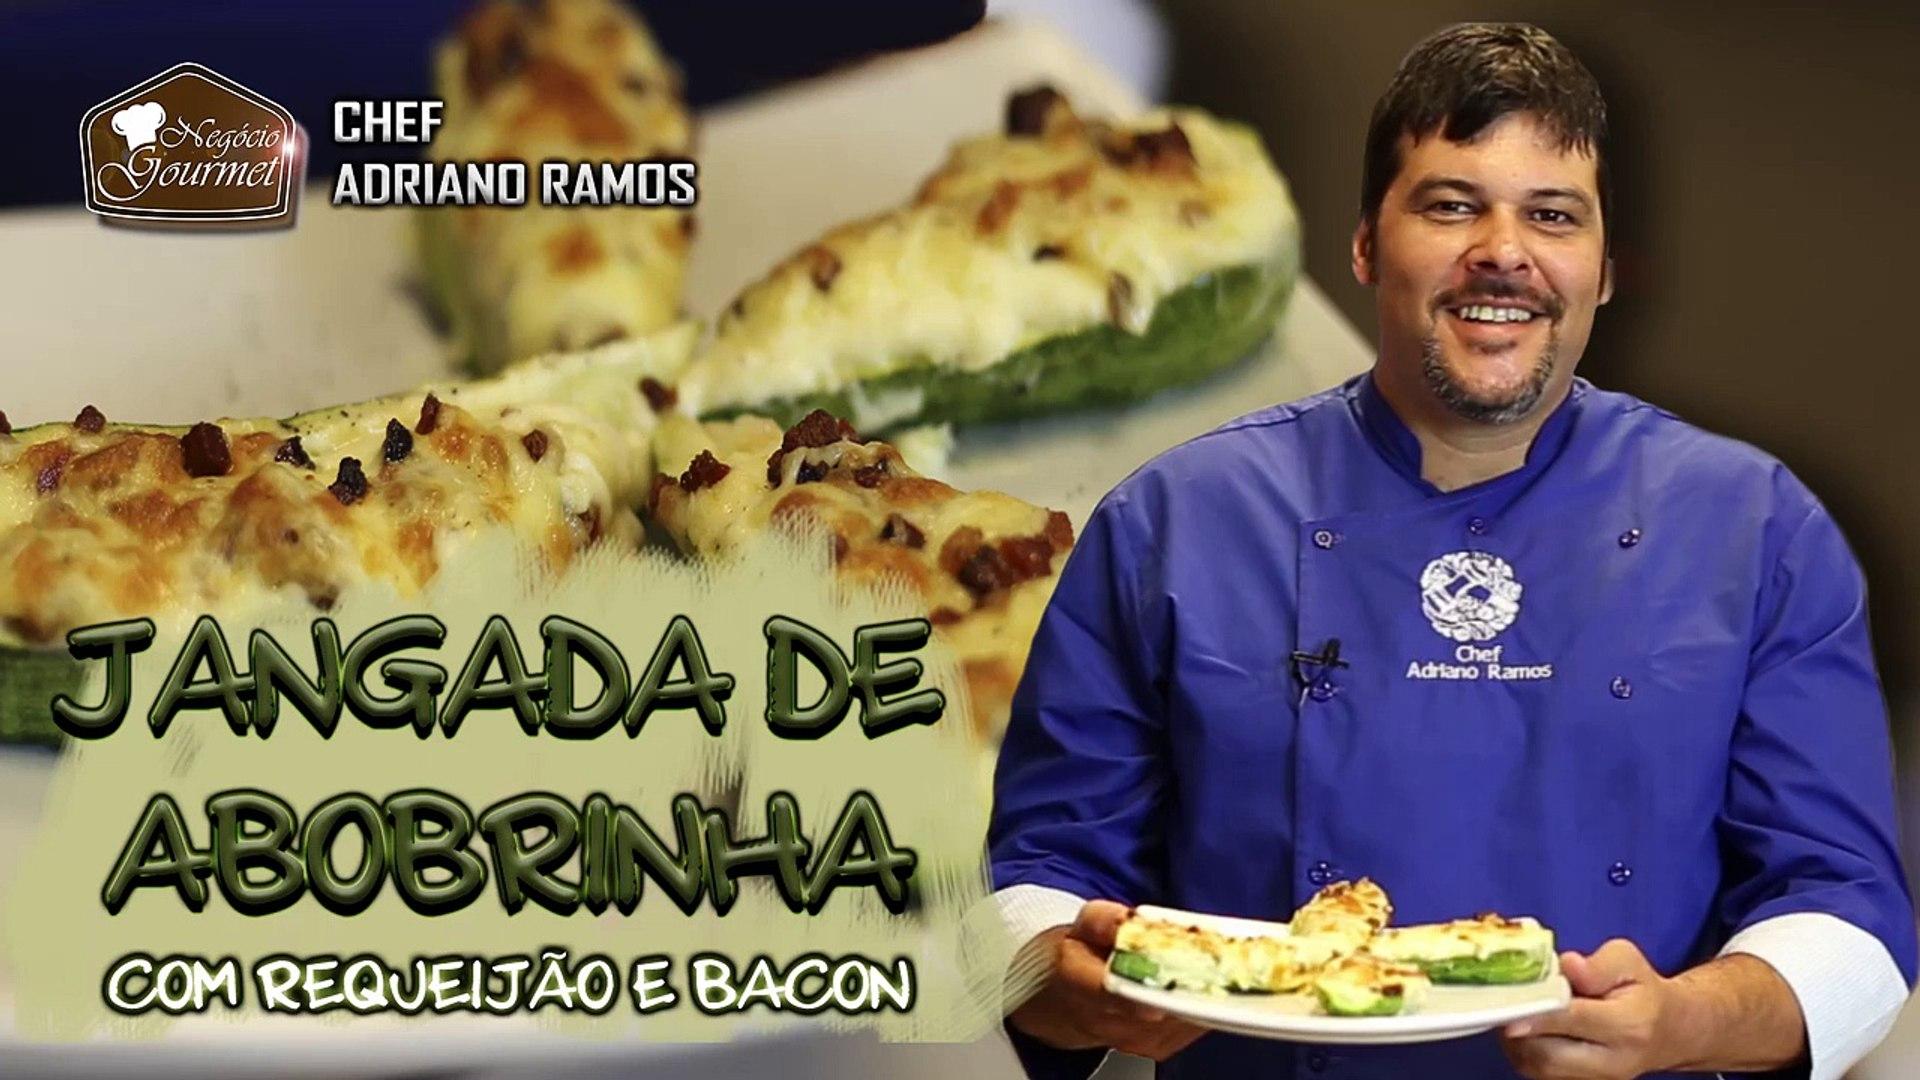 Jangada de Abobrinha com Requeijão e Bacon - Chef Adriano Ramos no Negócio Gourmet